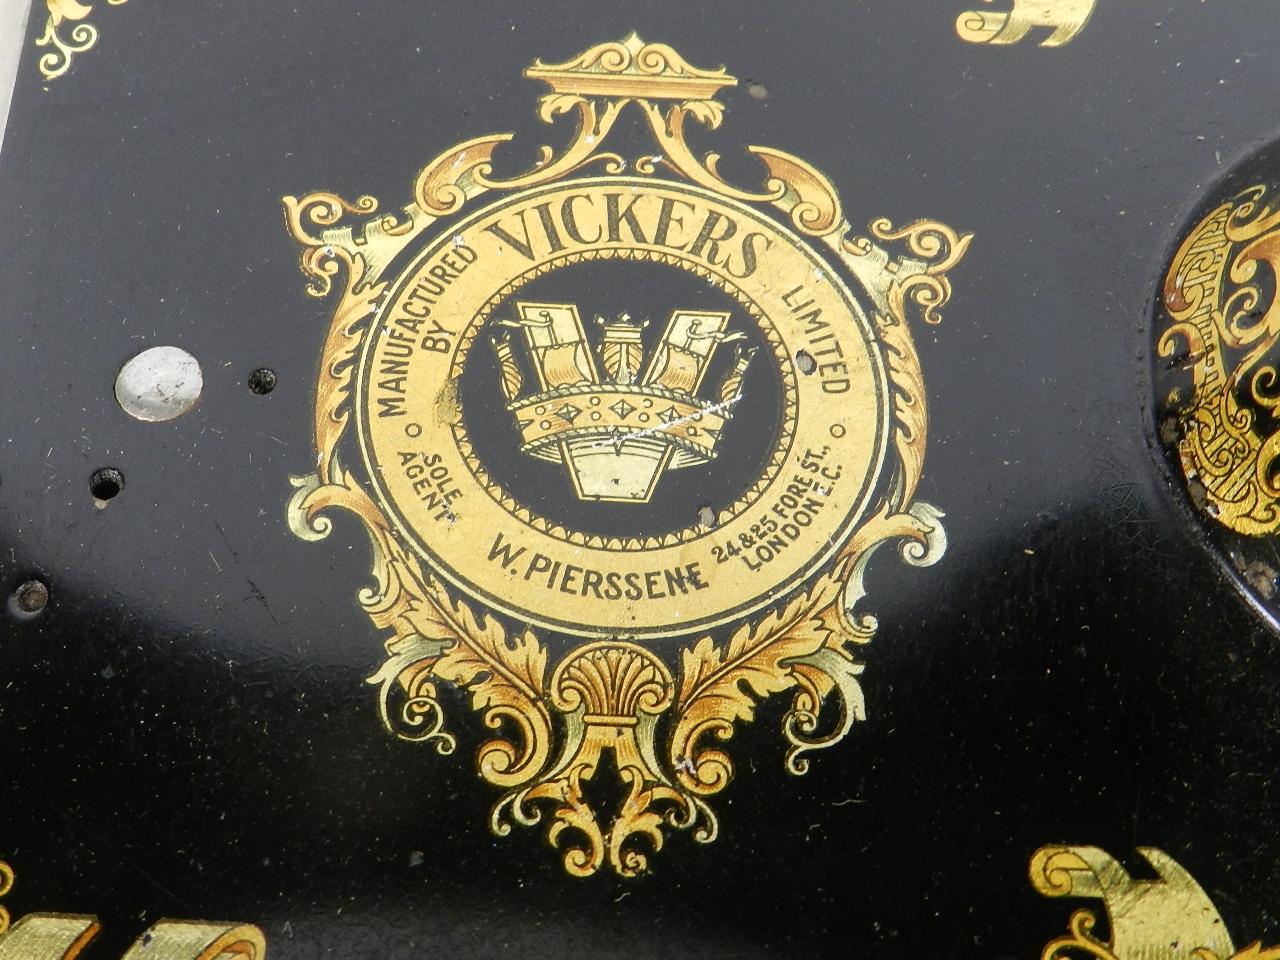 Imagen VICKERS AÑO 1915  LONDRES 32528